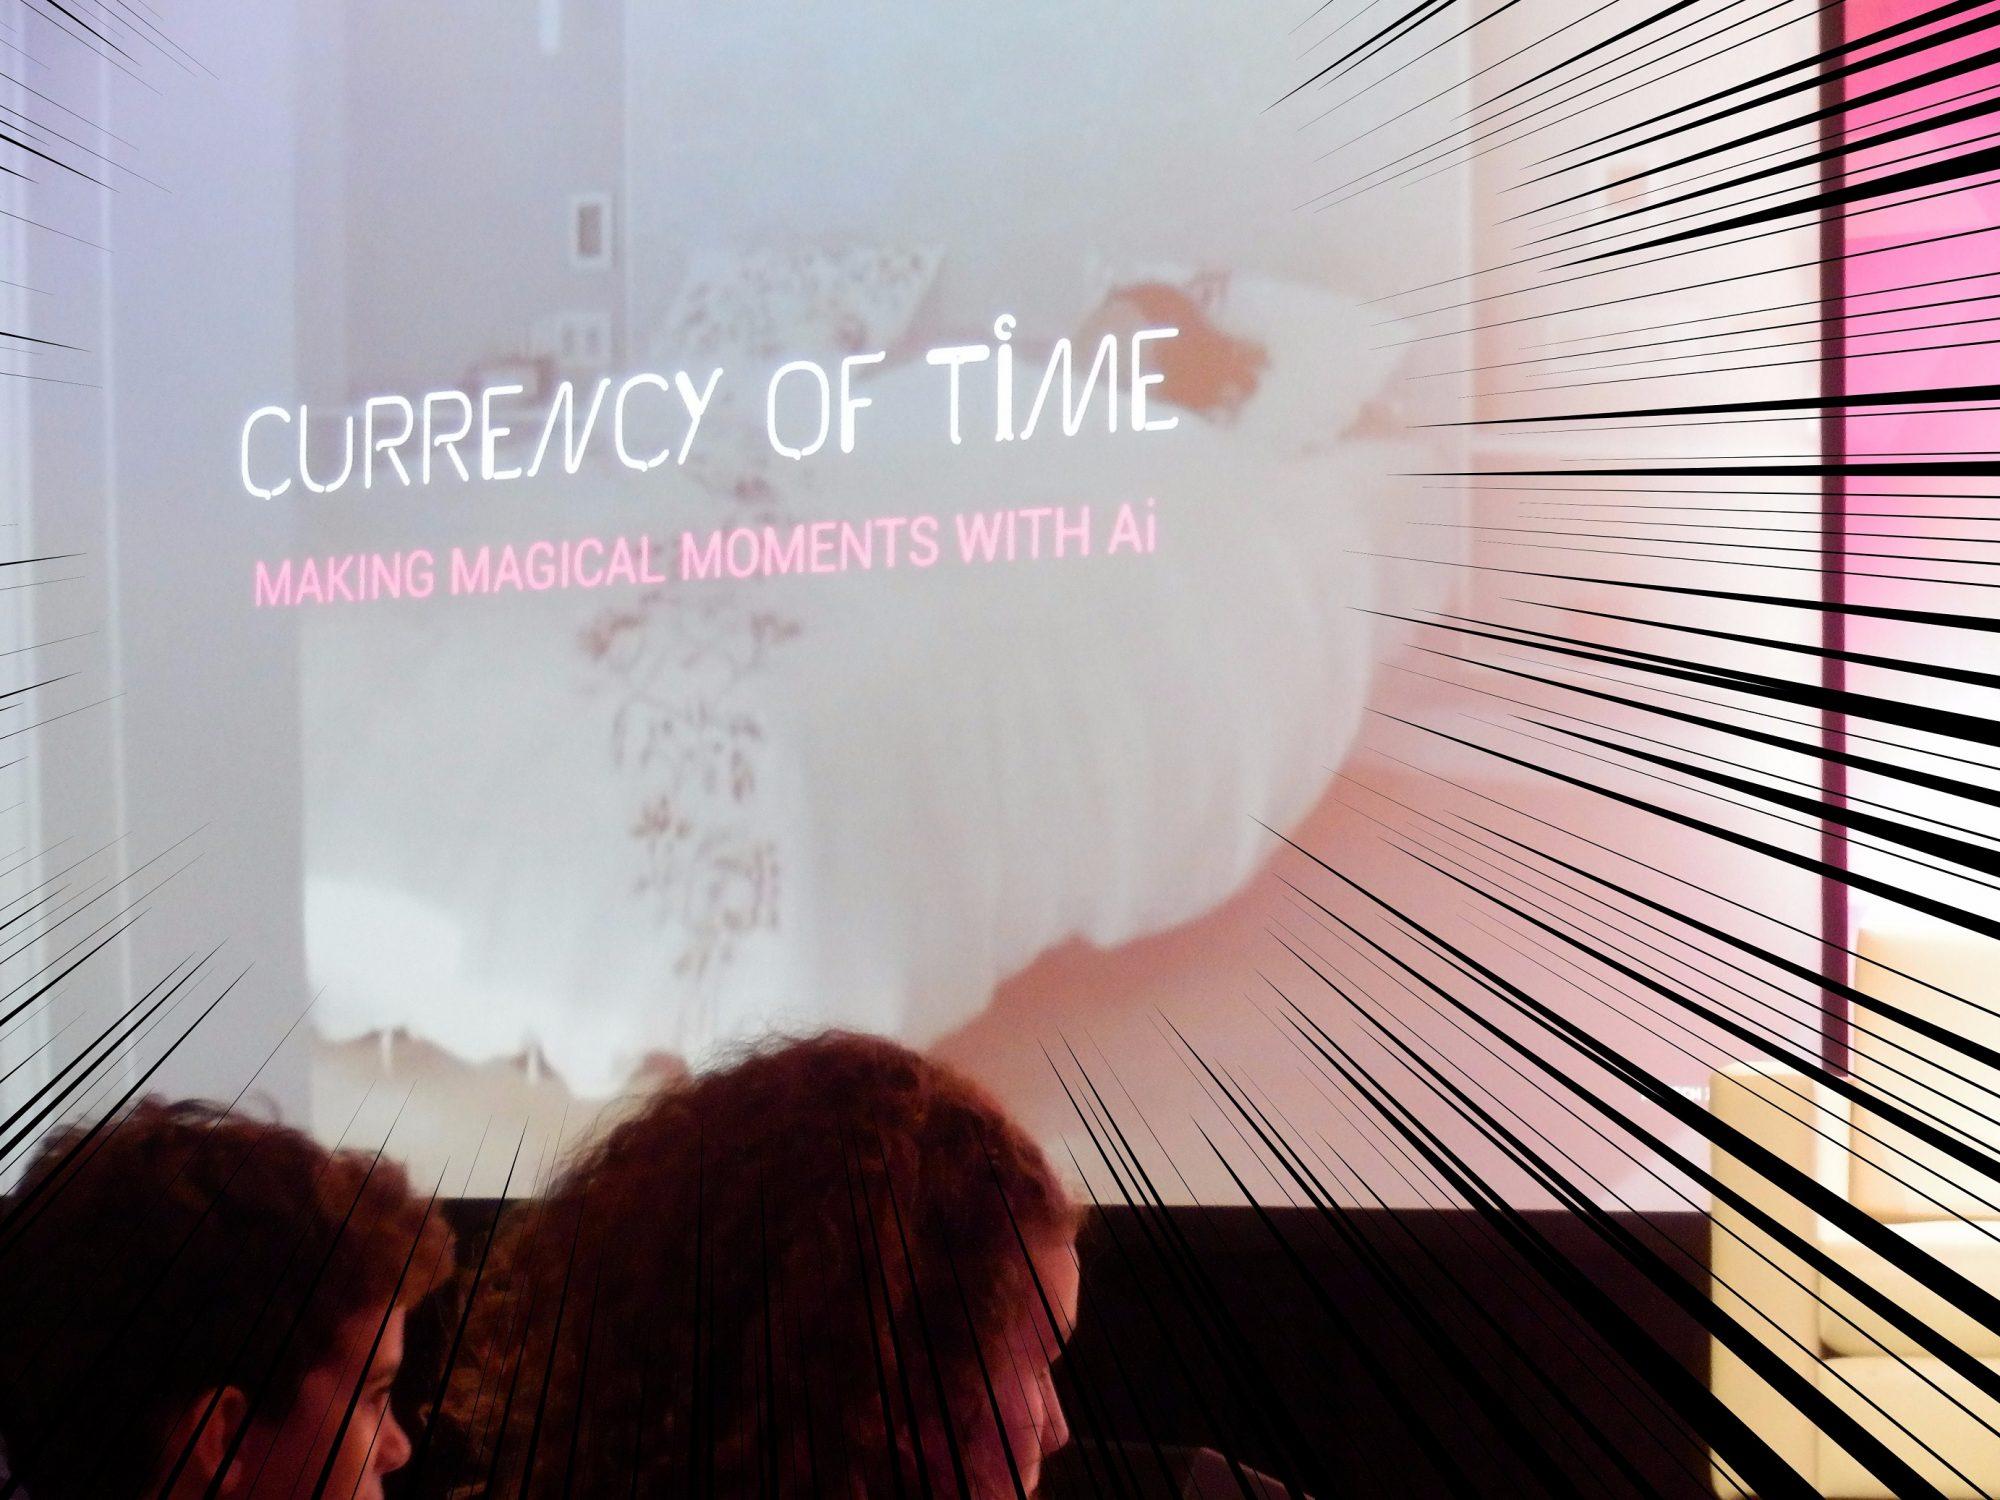 """米国注目のパワフルウーマンが指摘する顧客視点。Currency of Time(時間通貨)を意識し、データから""""魔法の時間""""を引き出せ"""